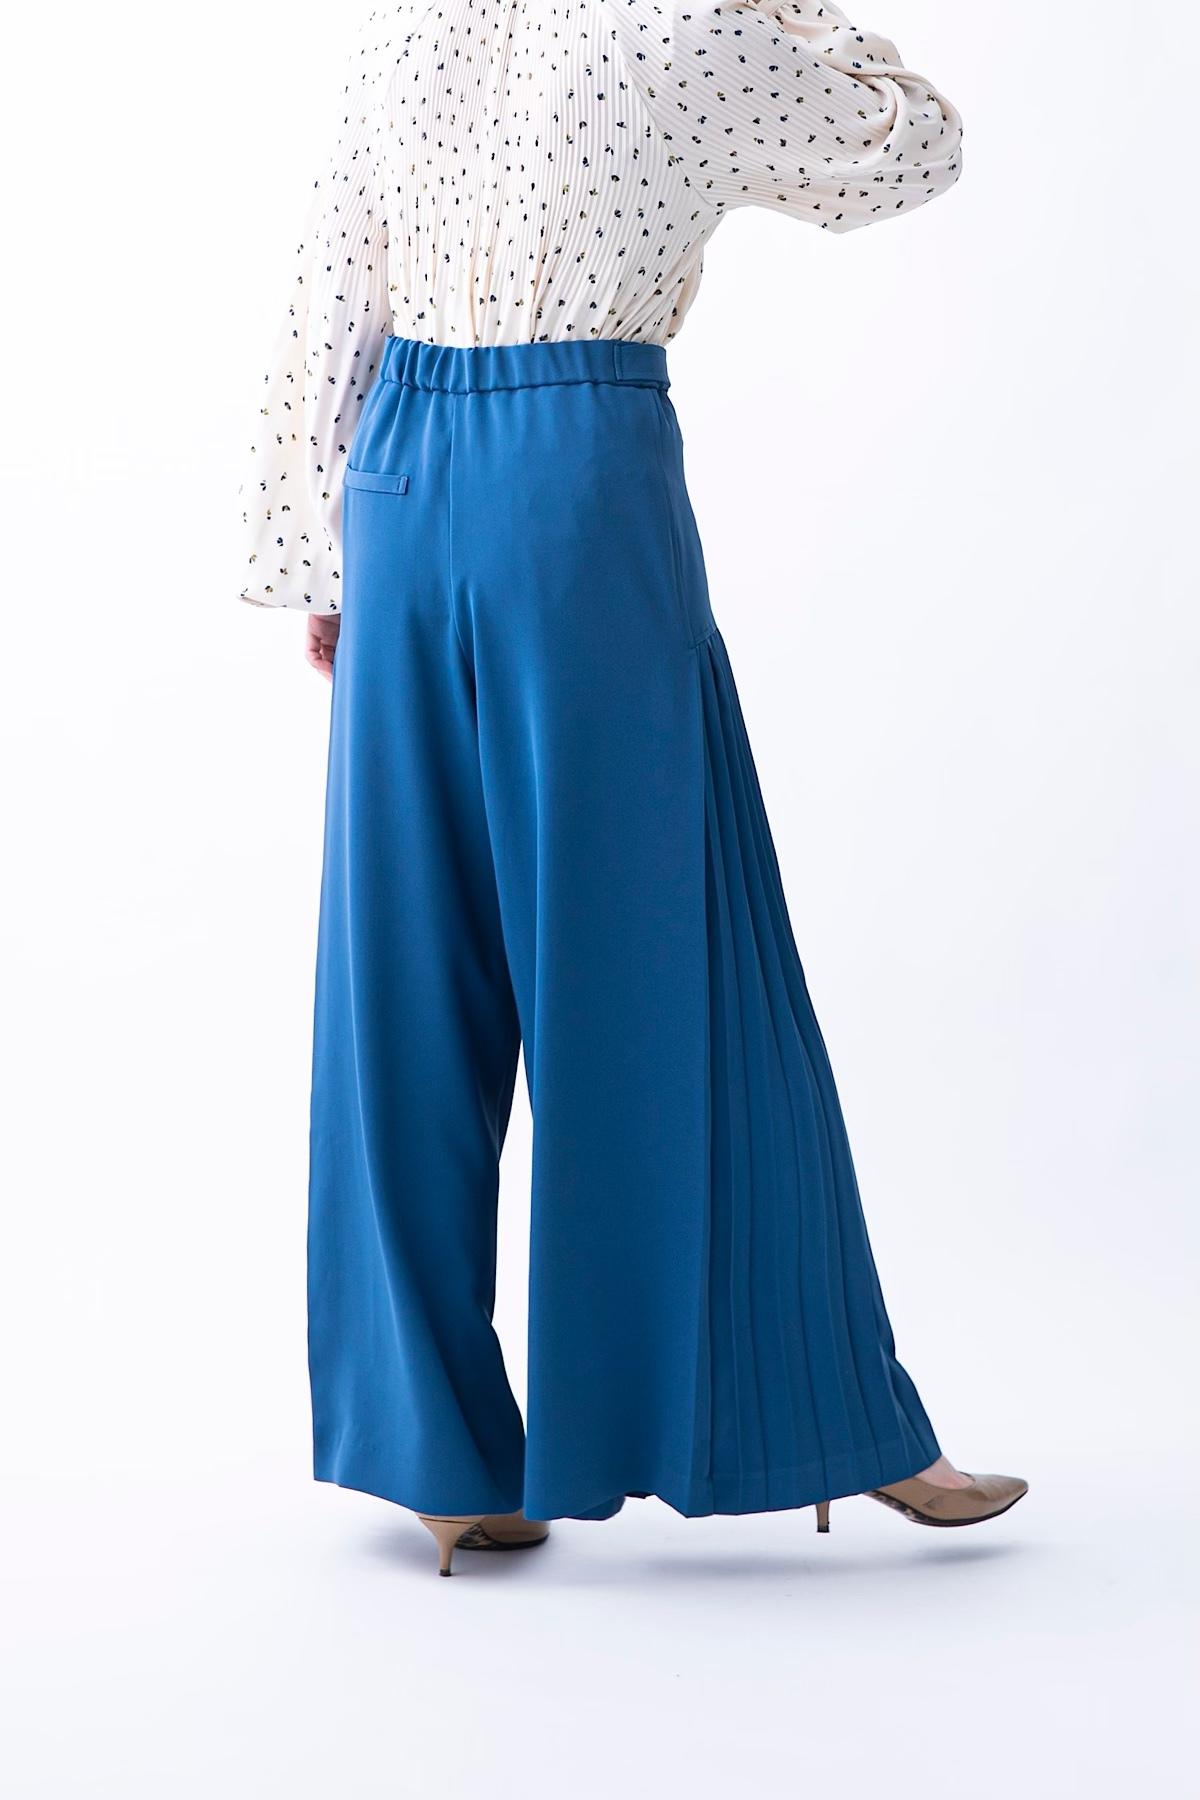 プリーツパンツ 3色:ブルー